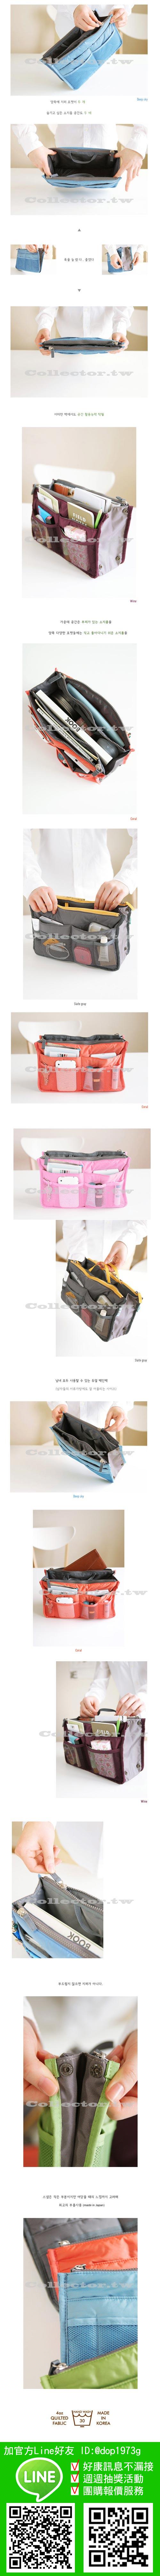 韓版 加厚包中包 包包收納整理袋 包中袋 多功能大收納 圖示介紹1